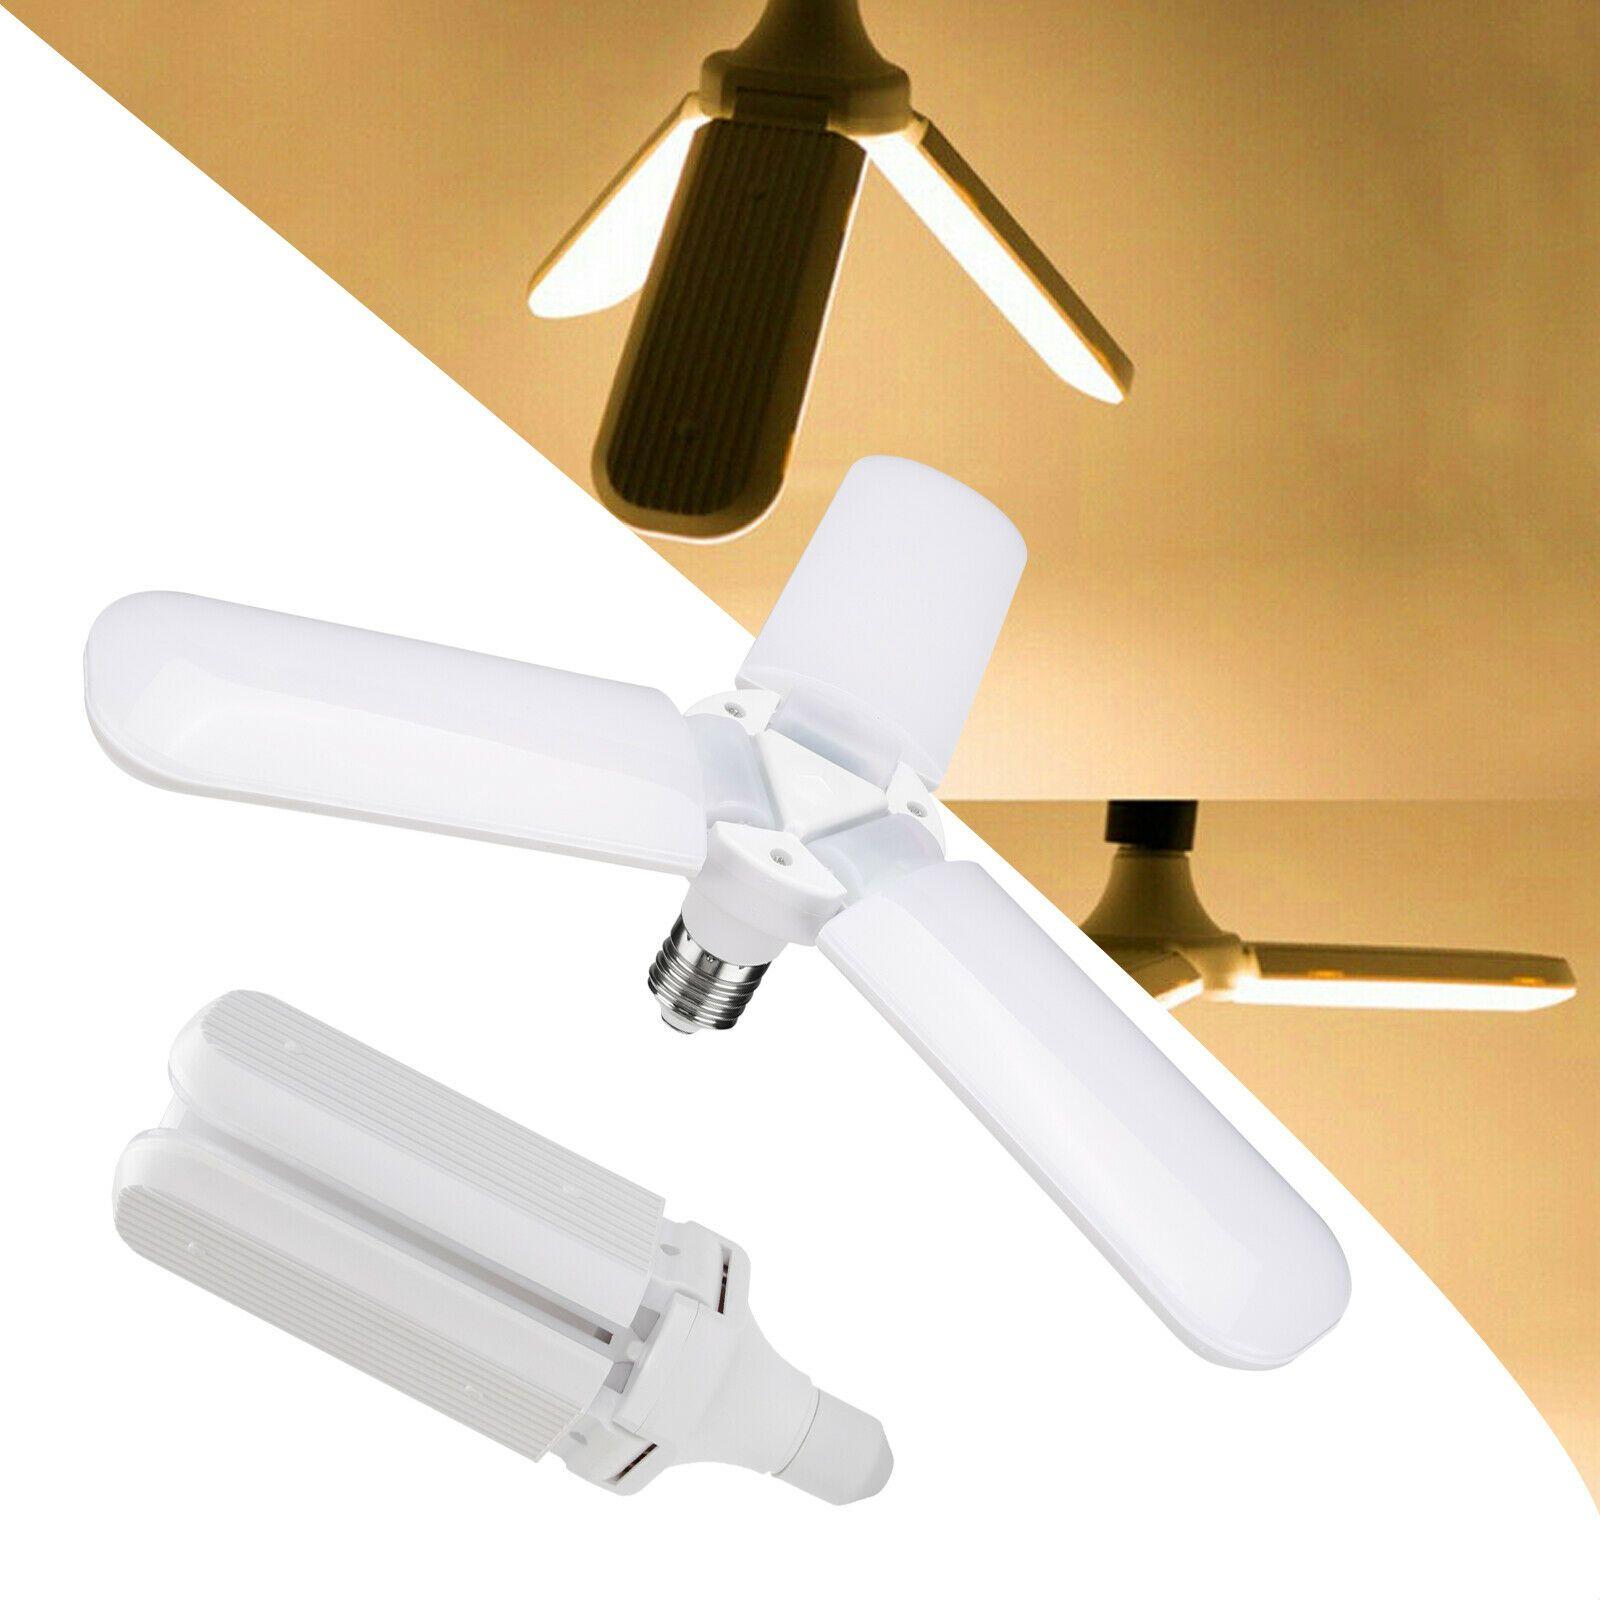 45W E27 Fan Blade LED Light Bulb LED Folding Garage Lamp AC85-265V Adjustable ceiling Lighting Warm white/Cool White